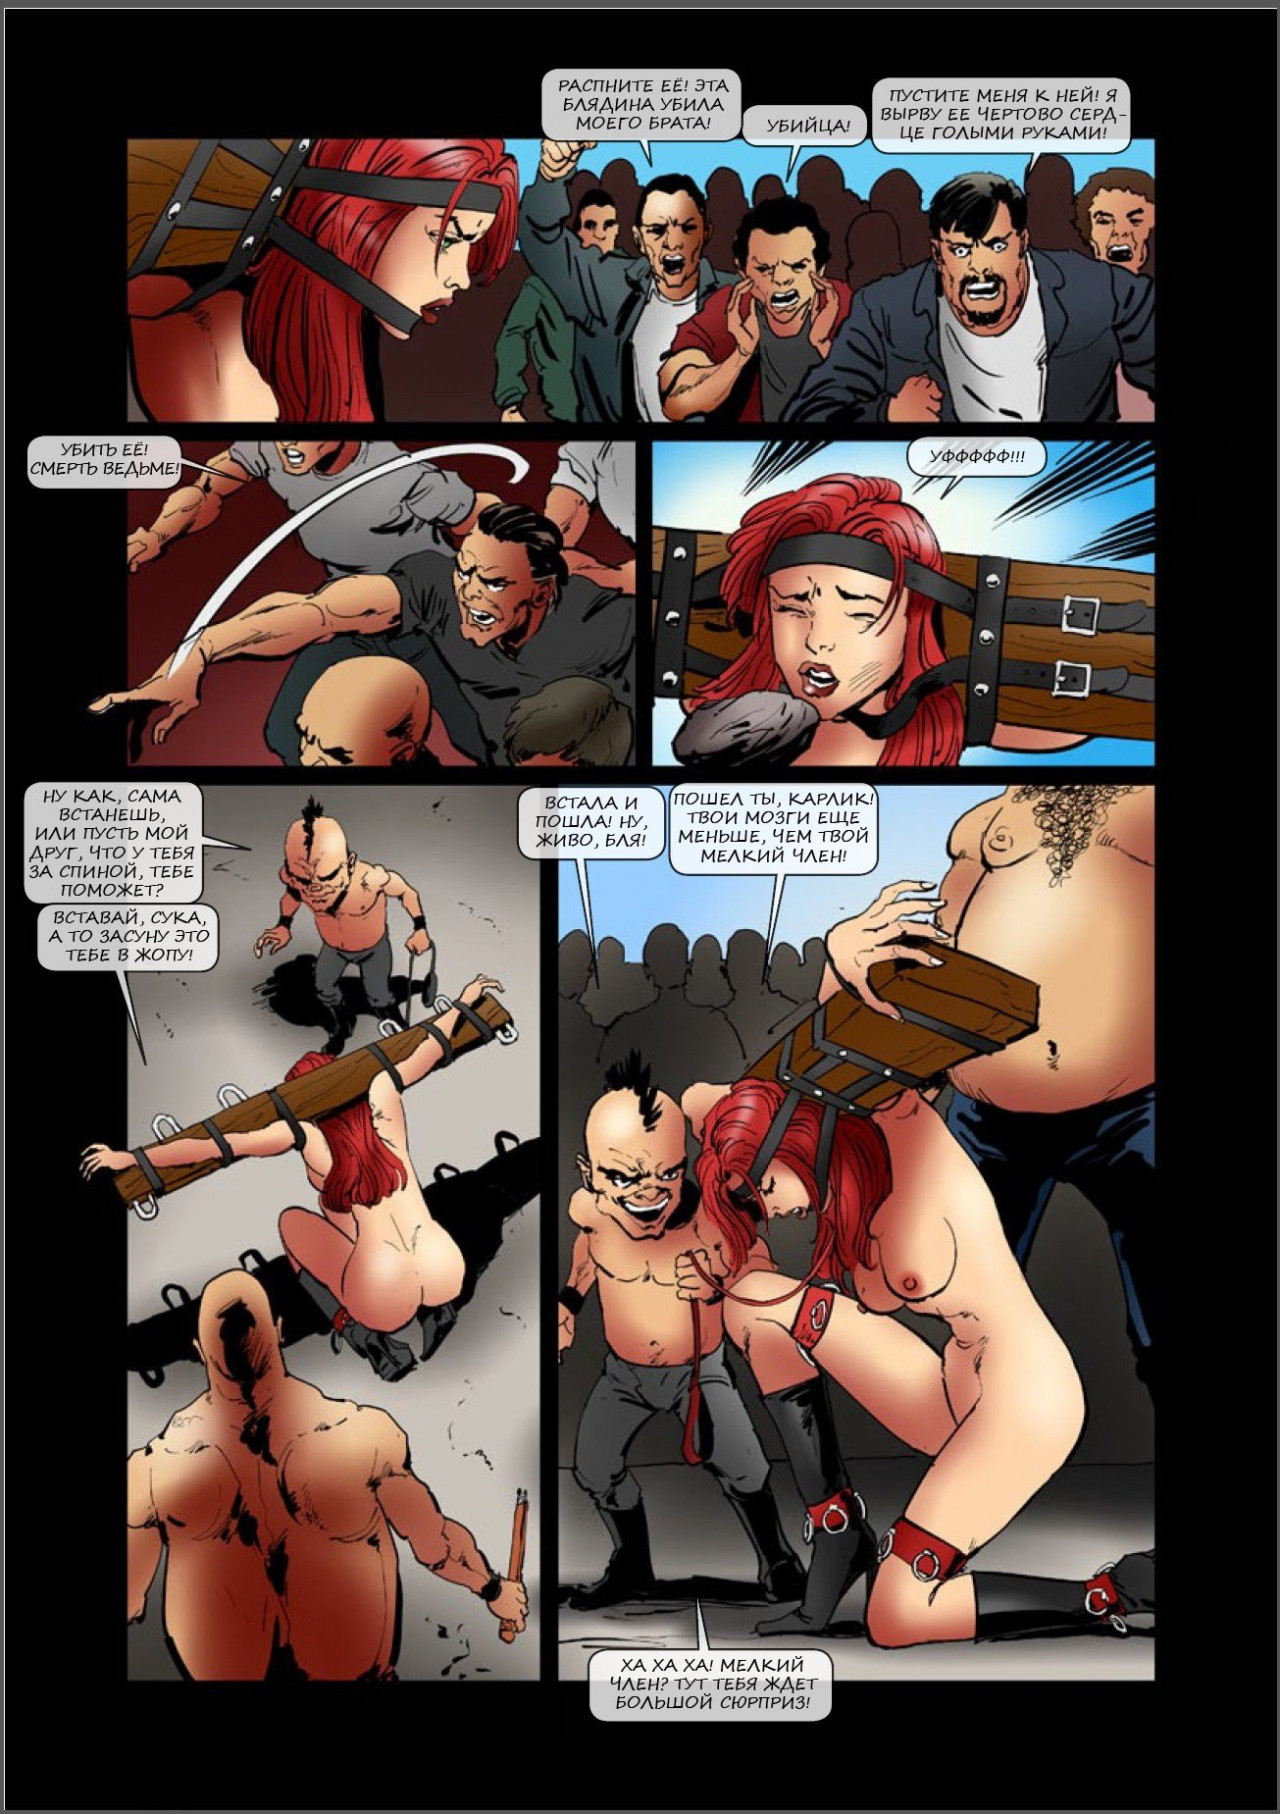 Войны полов - порно комиксы на русском. Анал, БДСМ, Без цензуры, Большая грудь, Большие члены, Насилие